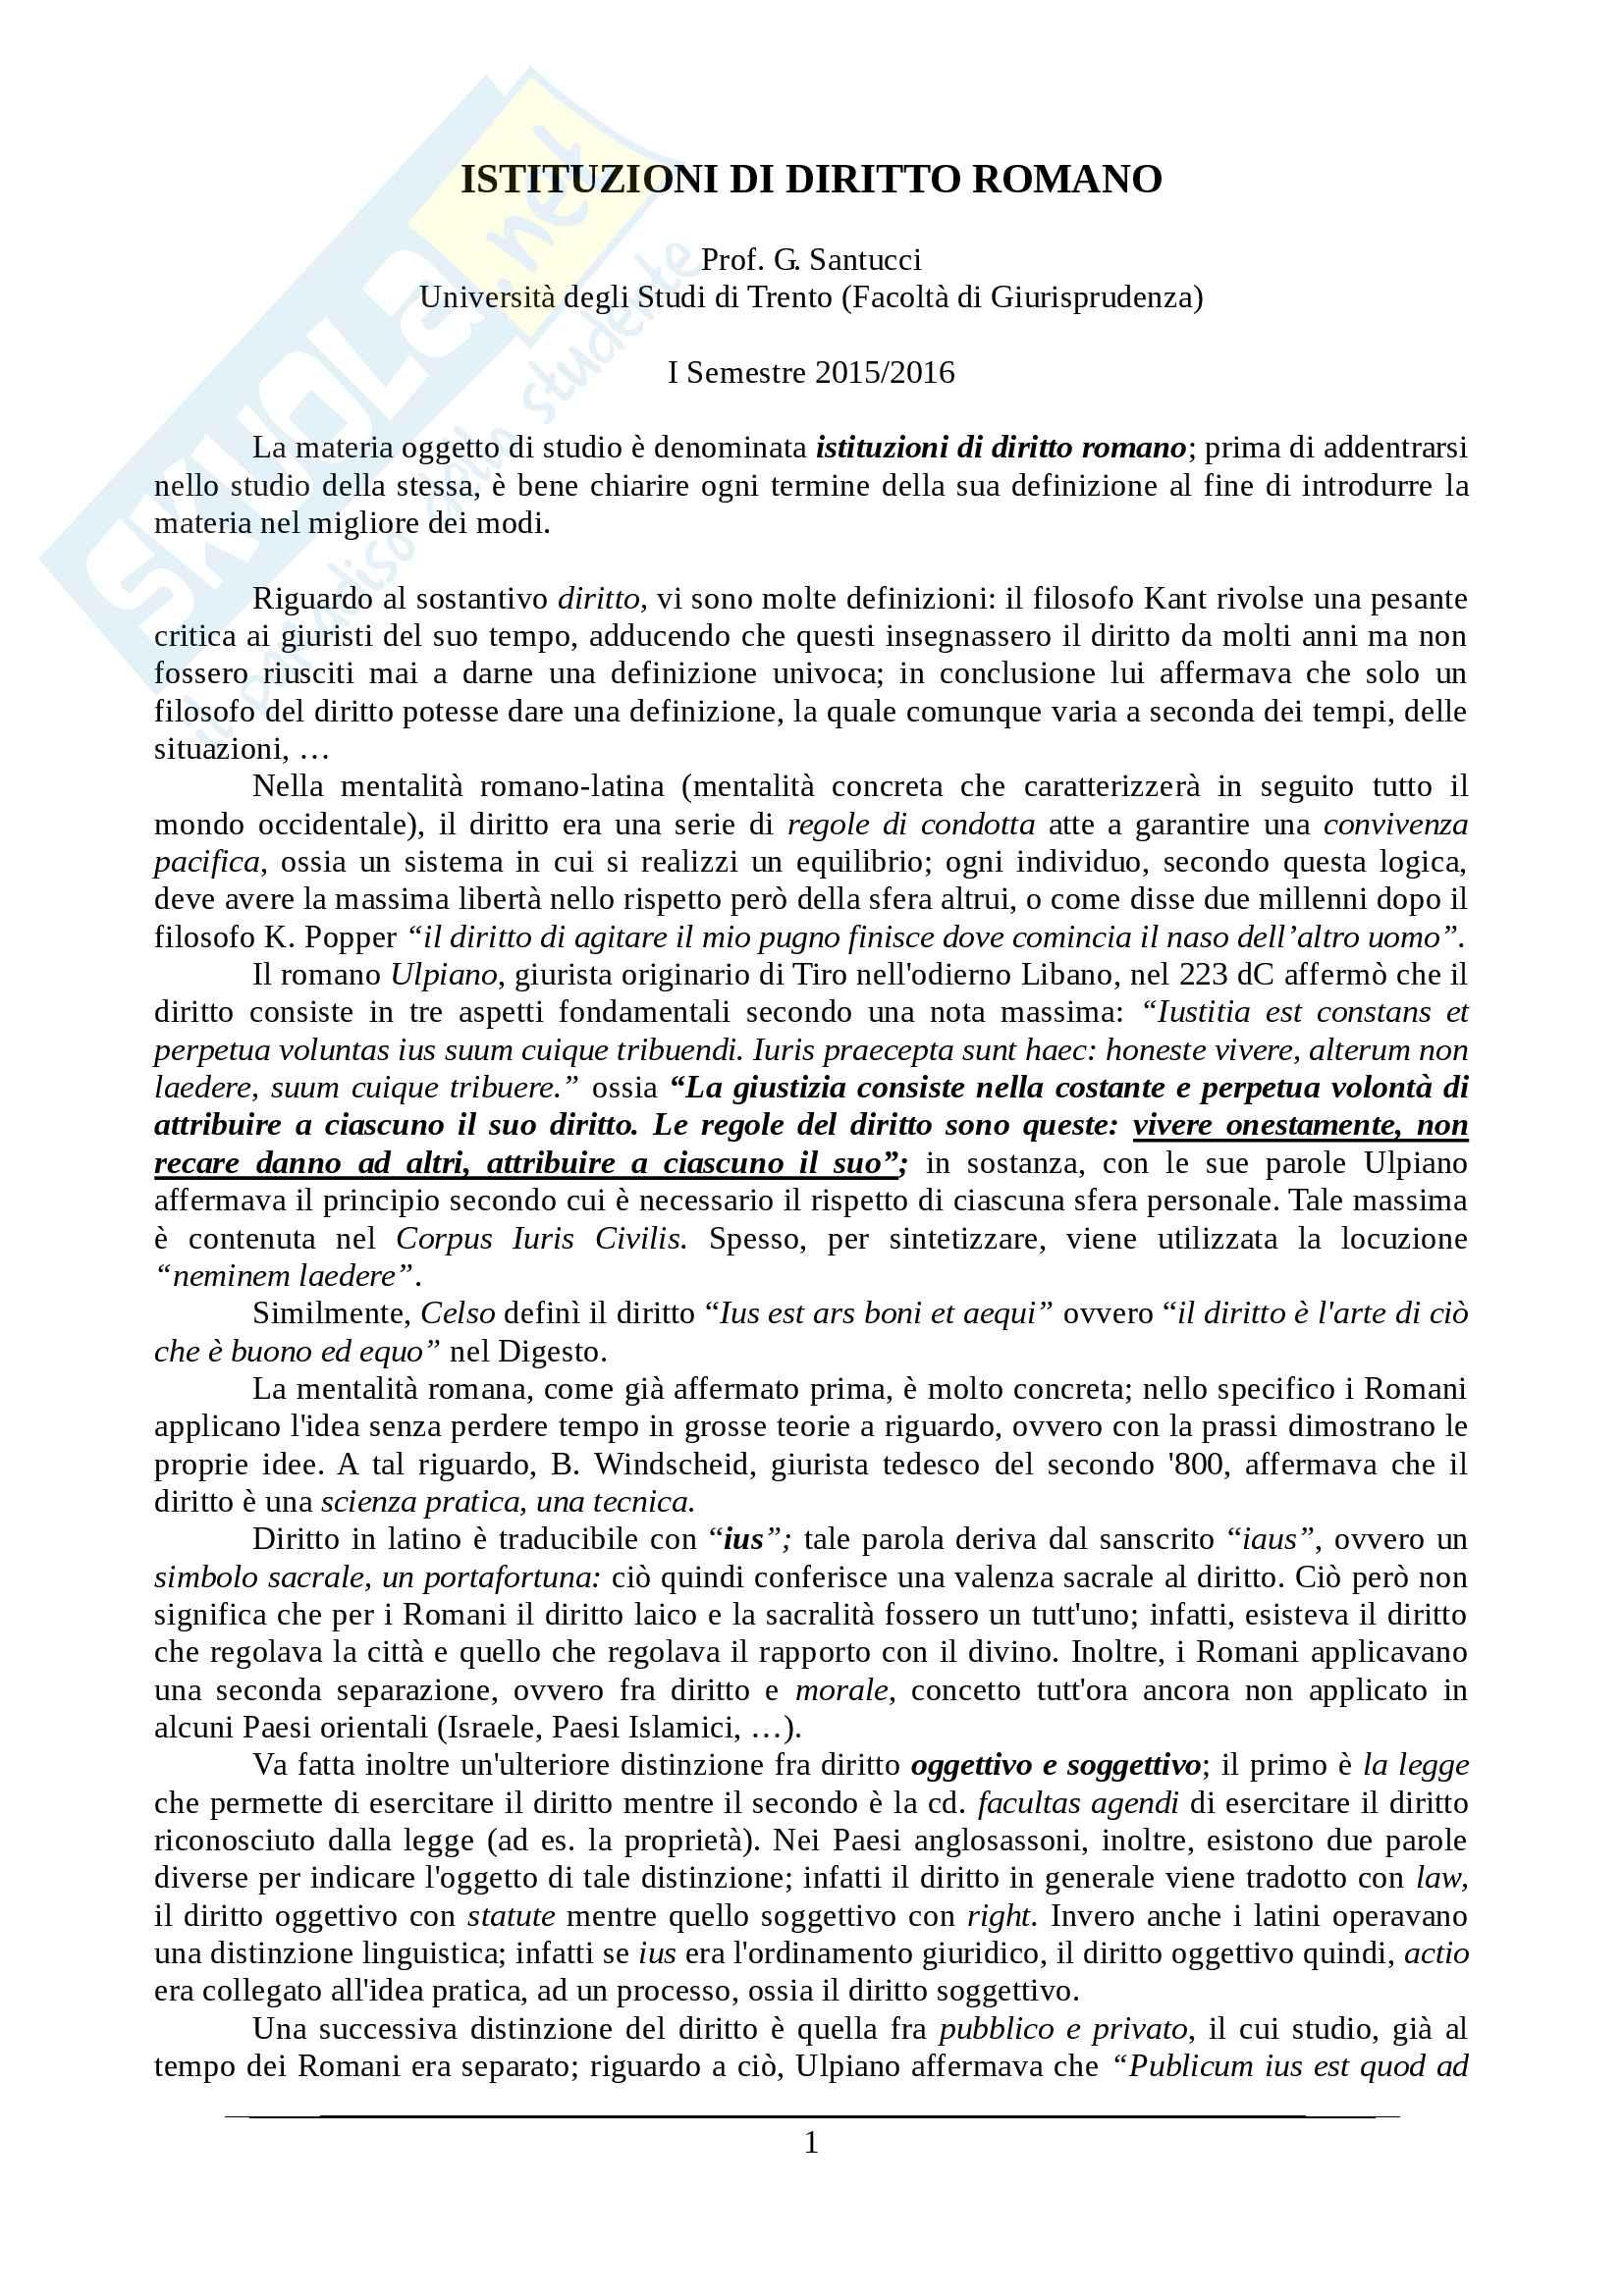 appunto G. Santucci istituzioni di diritto romano